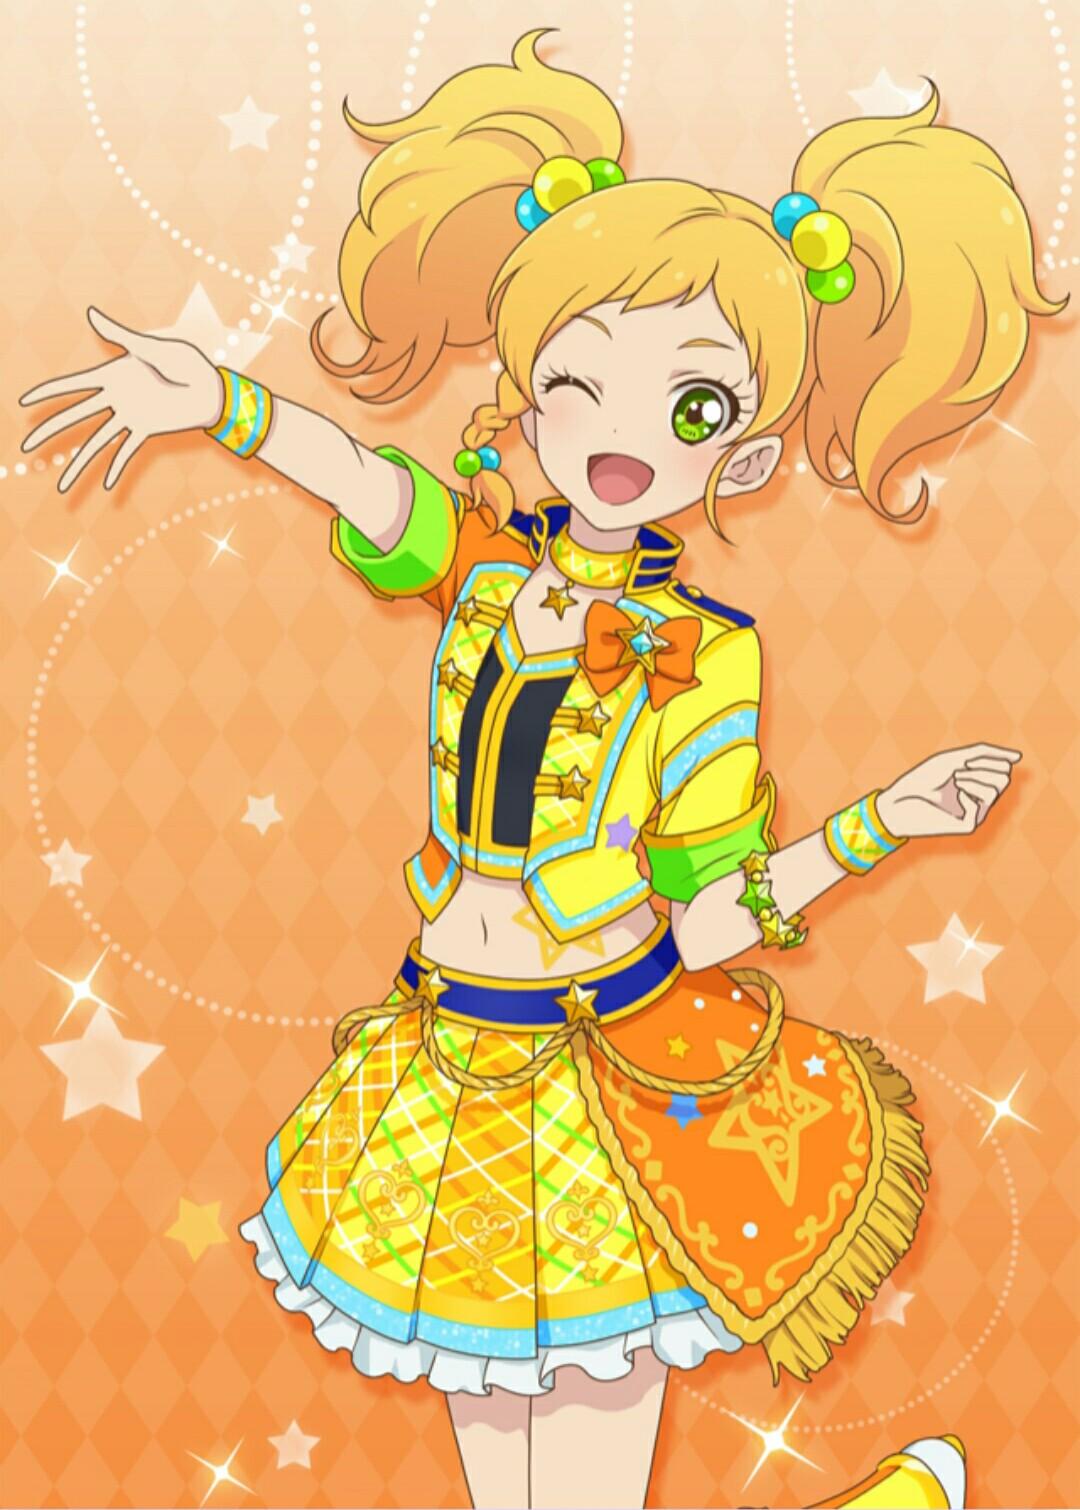 Aikatsu Stars page 5 of 9